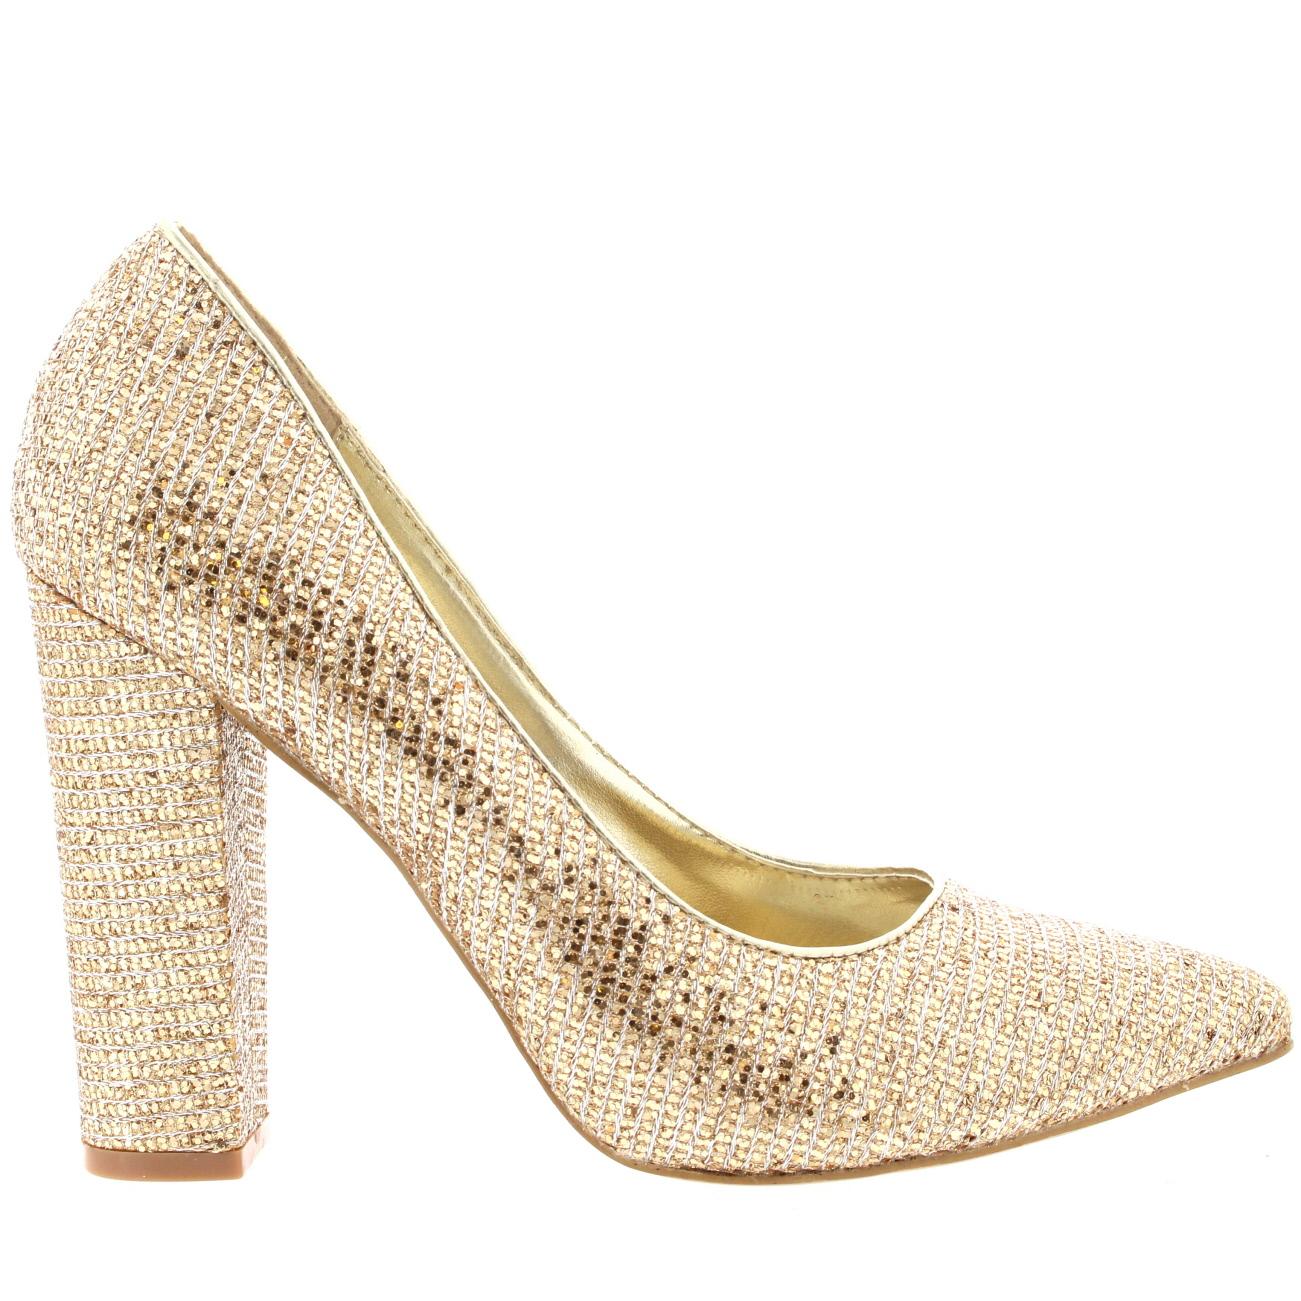 Metallic Court Shoe Block Heel